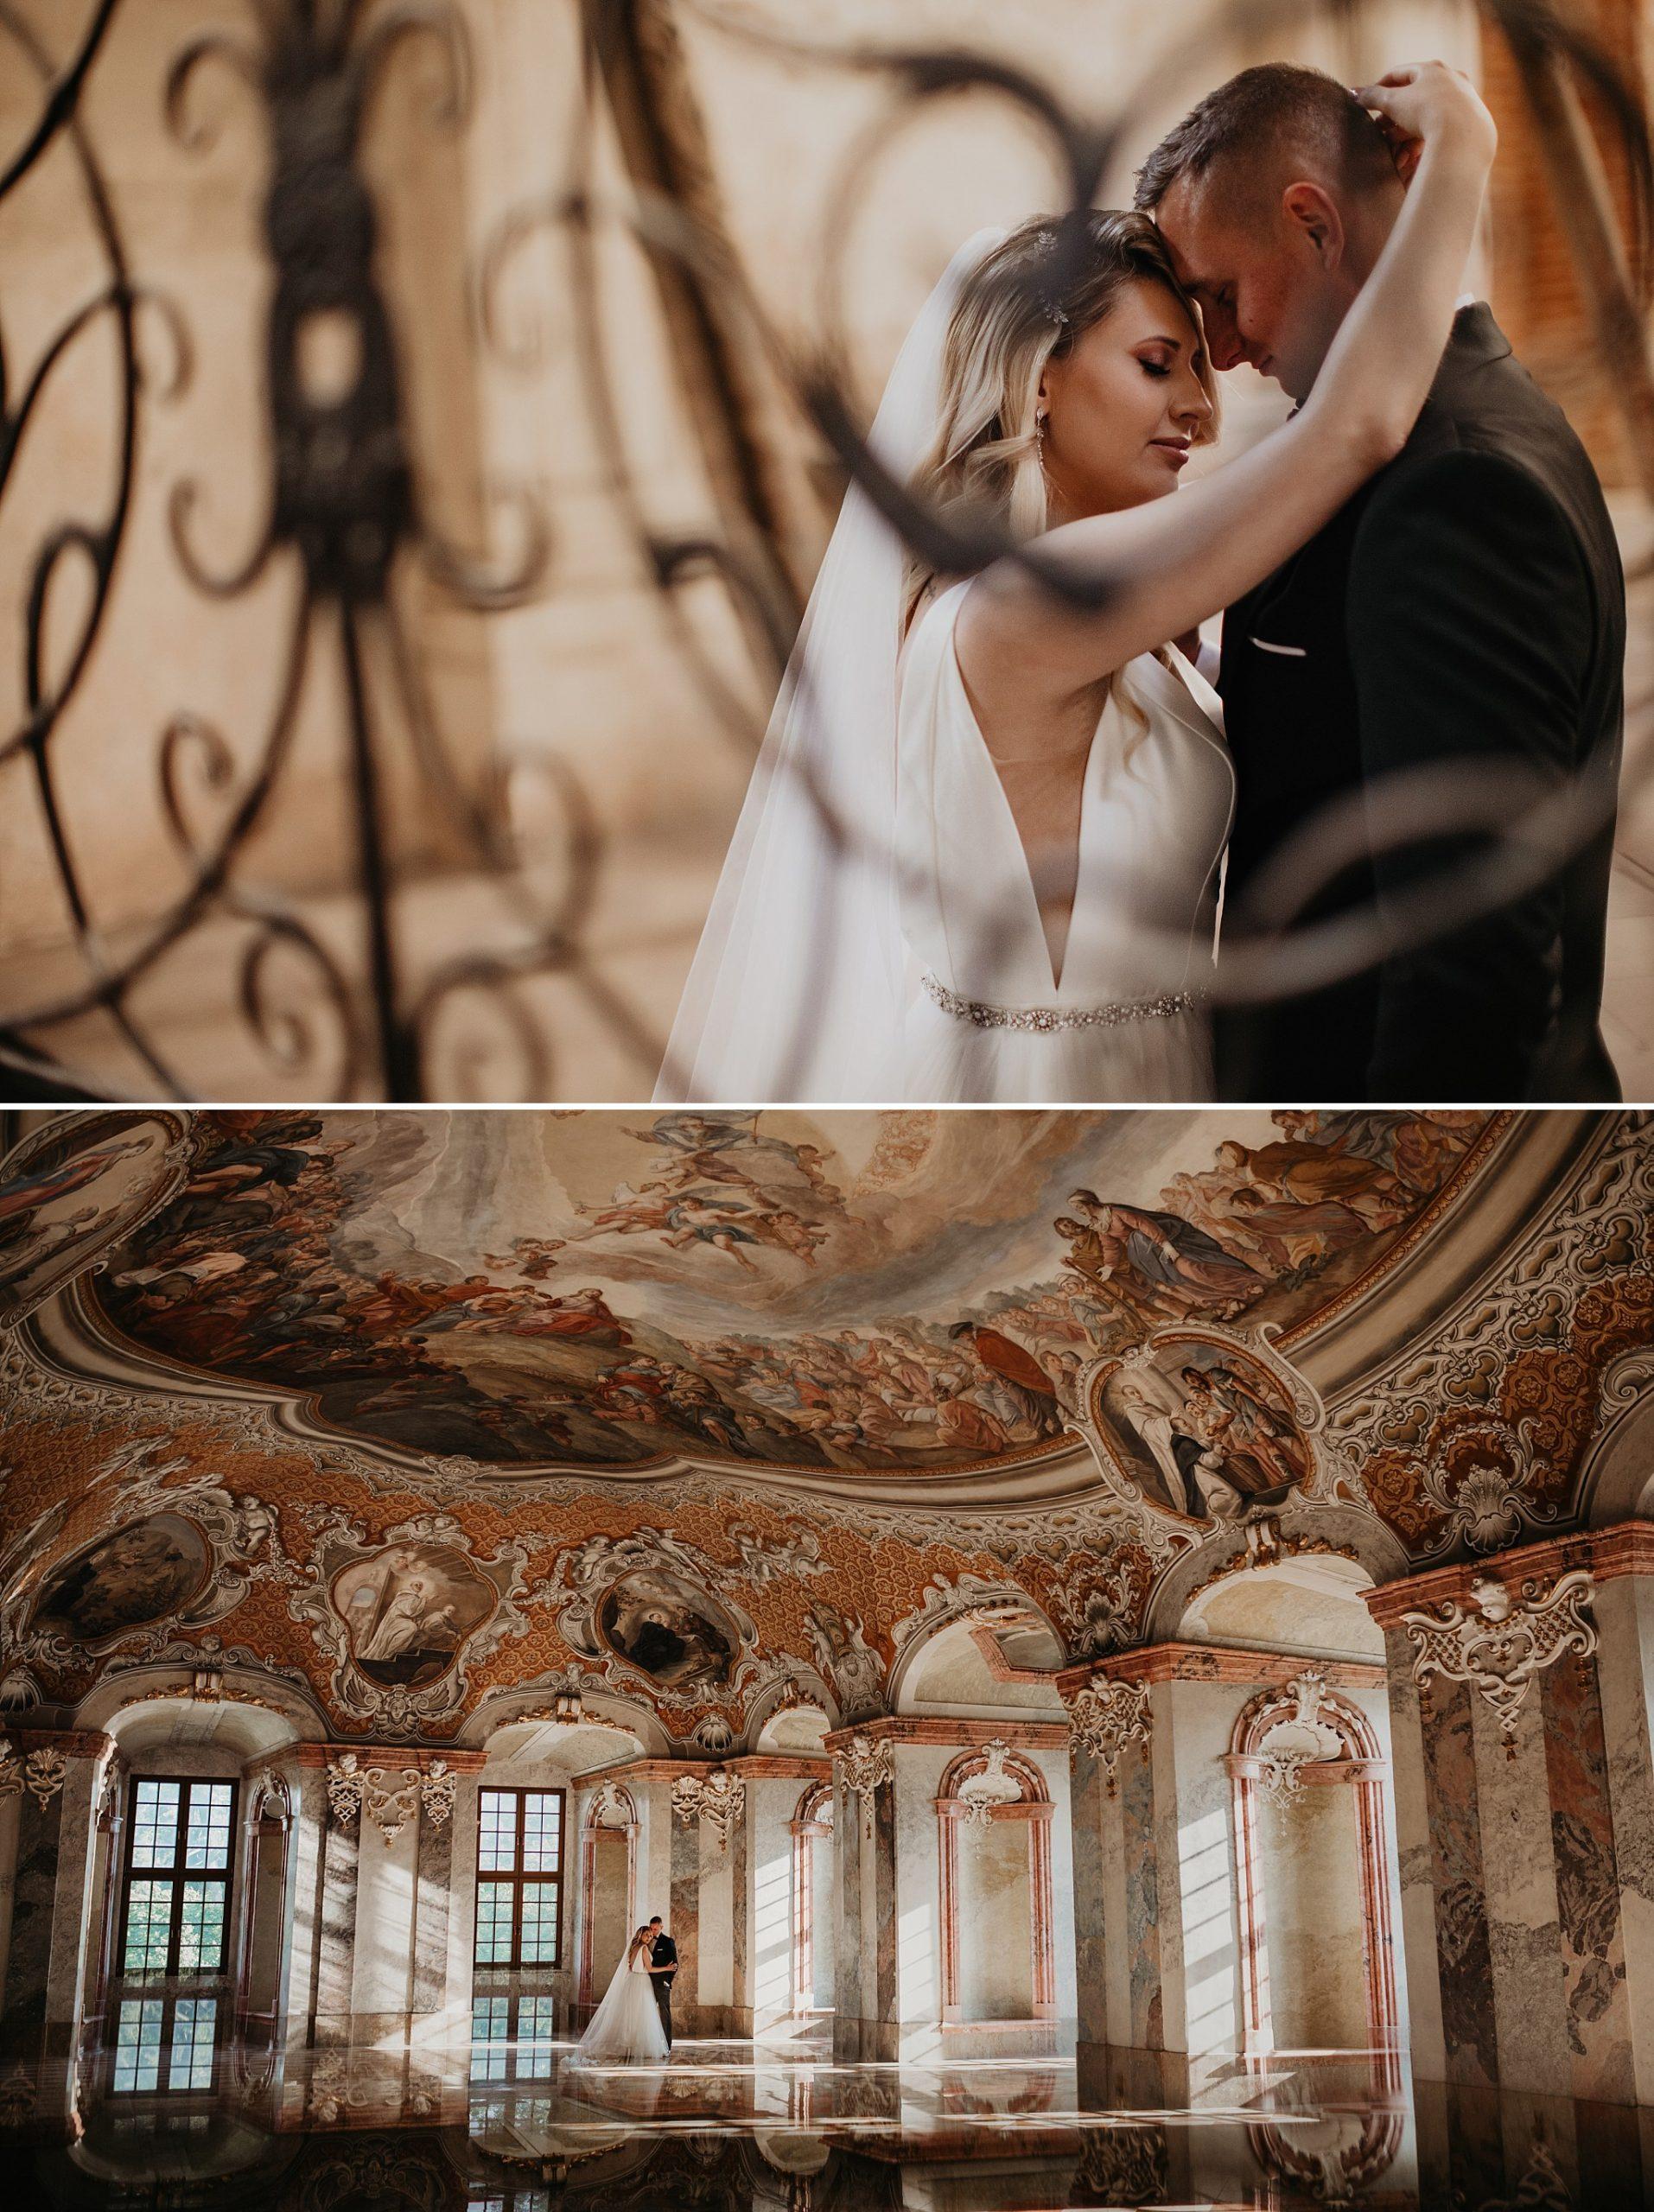 lubiaz opactwo cystersow sesja na zamku sesja zdjeciowa sesja slubna w palacu sesja palac fotograf z poznania fotografia slubna poznan 007 scaled